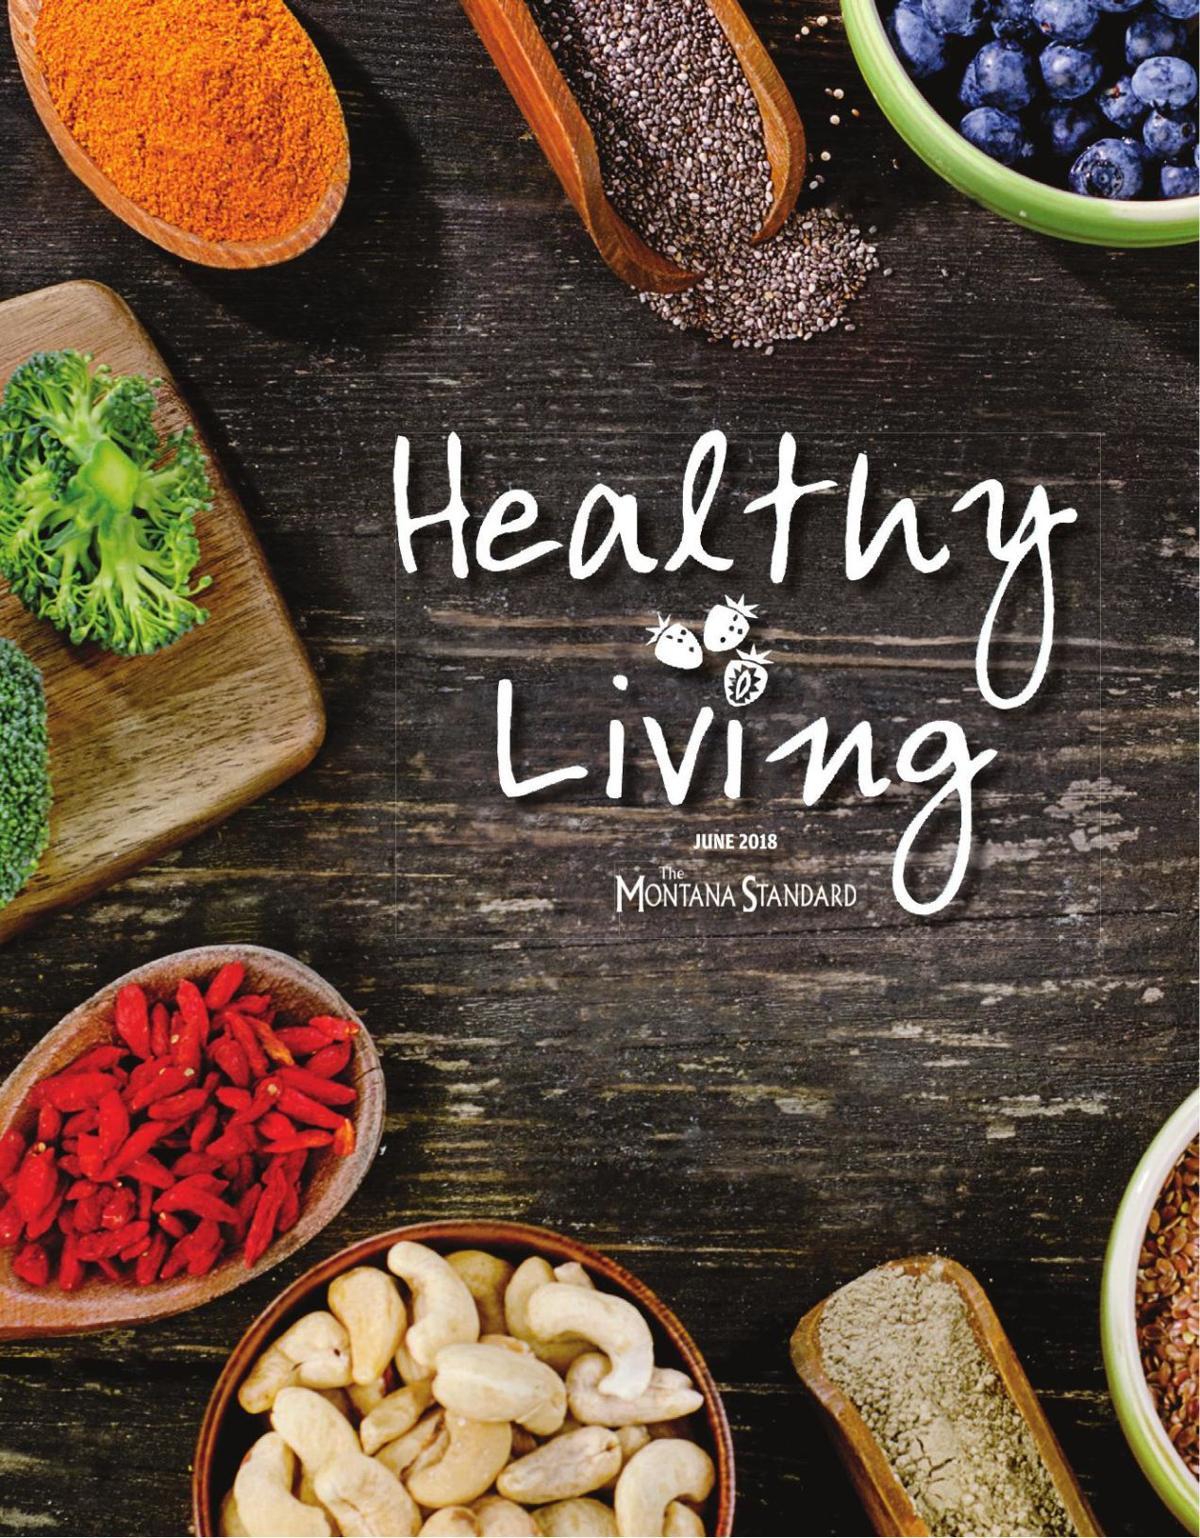 Healthy Living - June 23, 2018